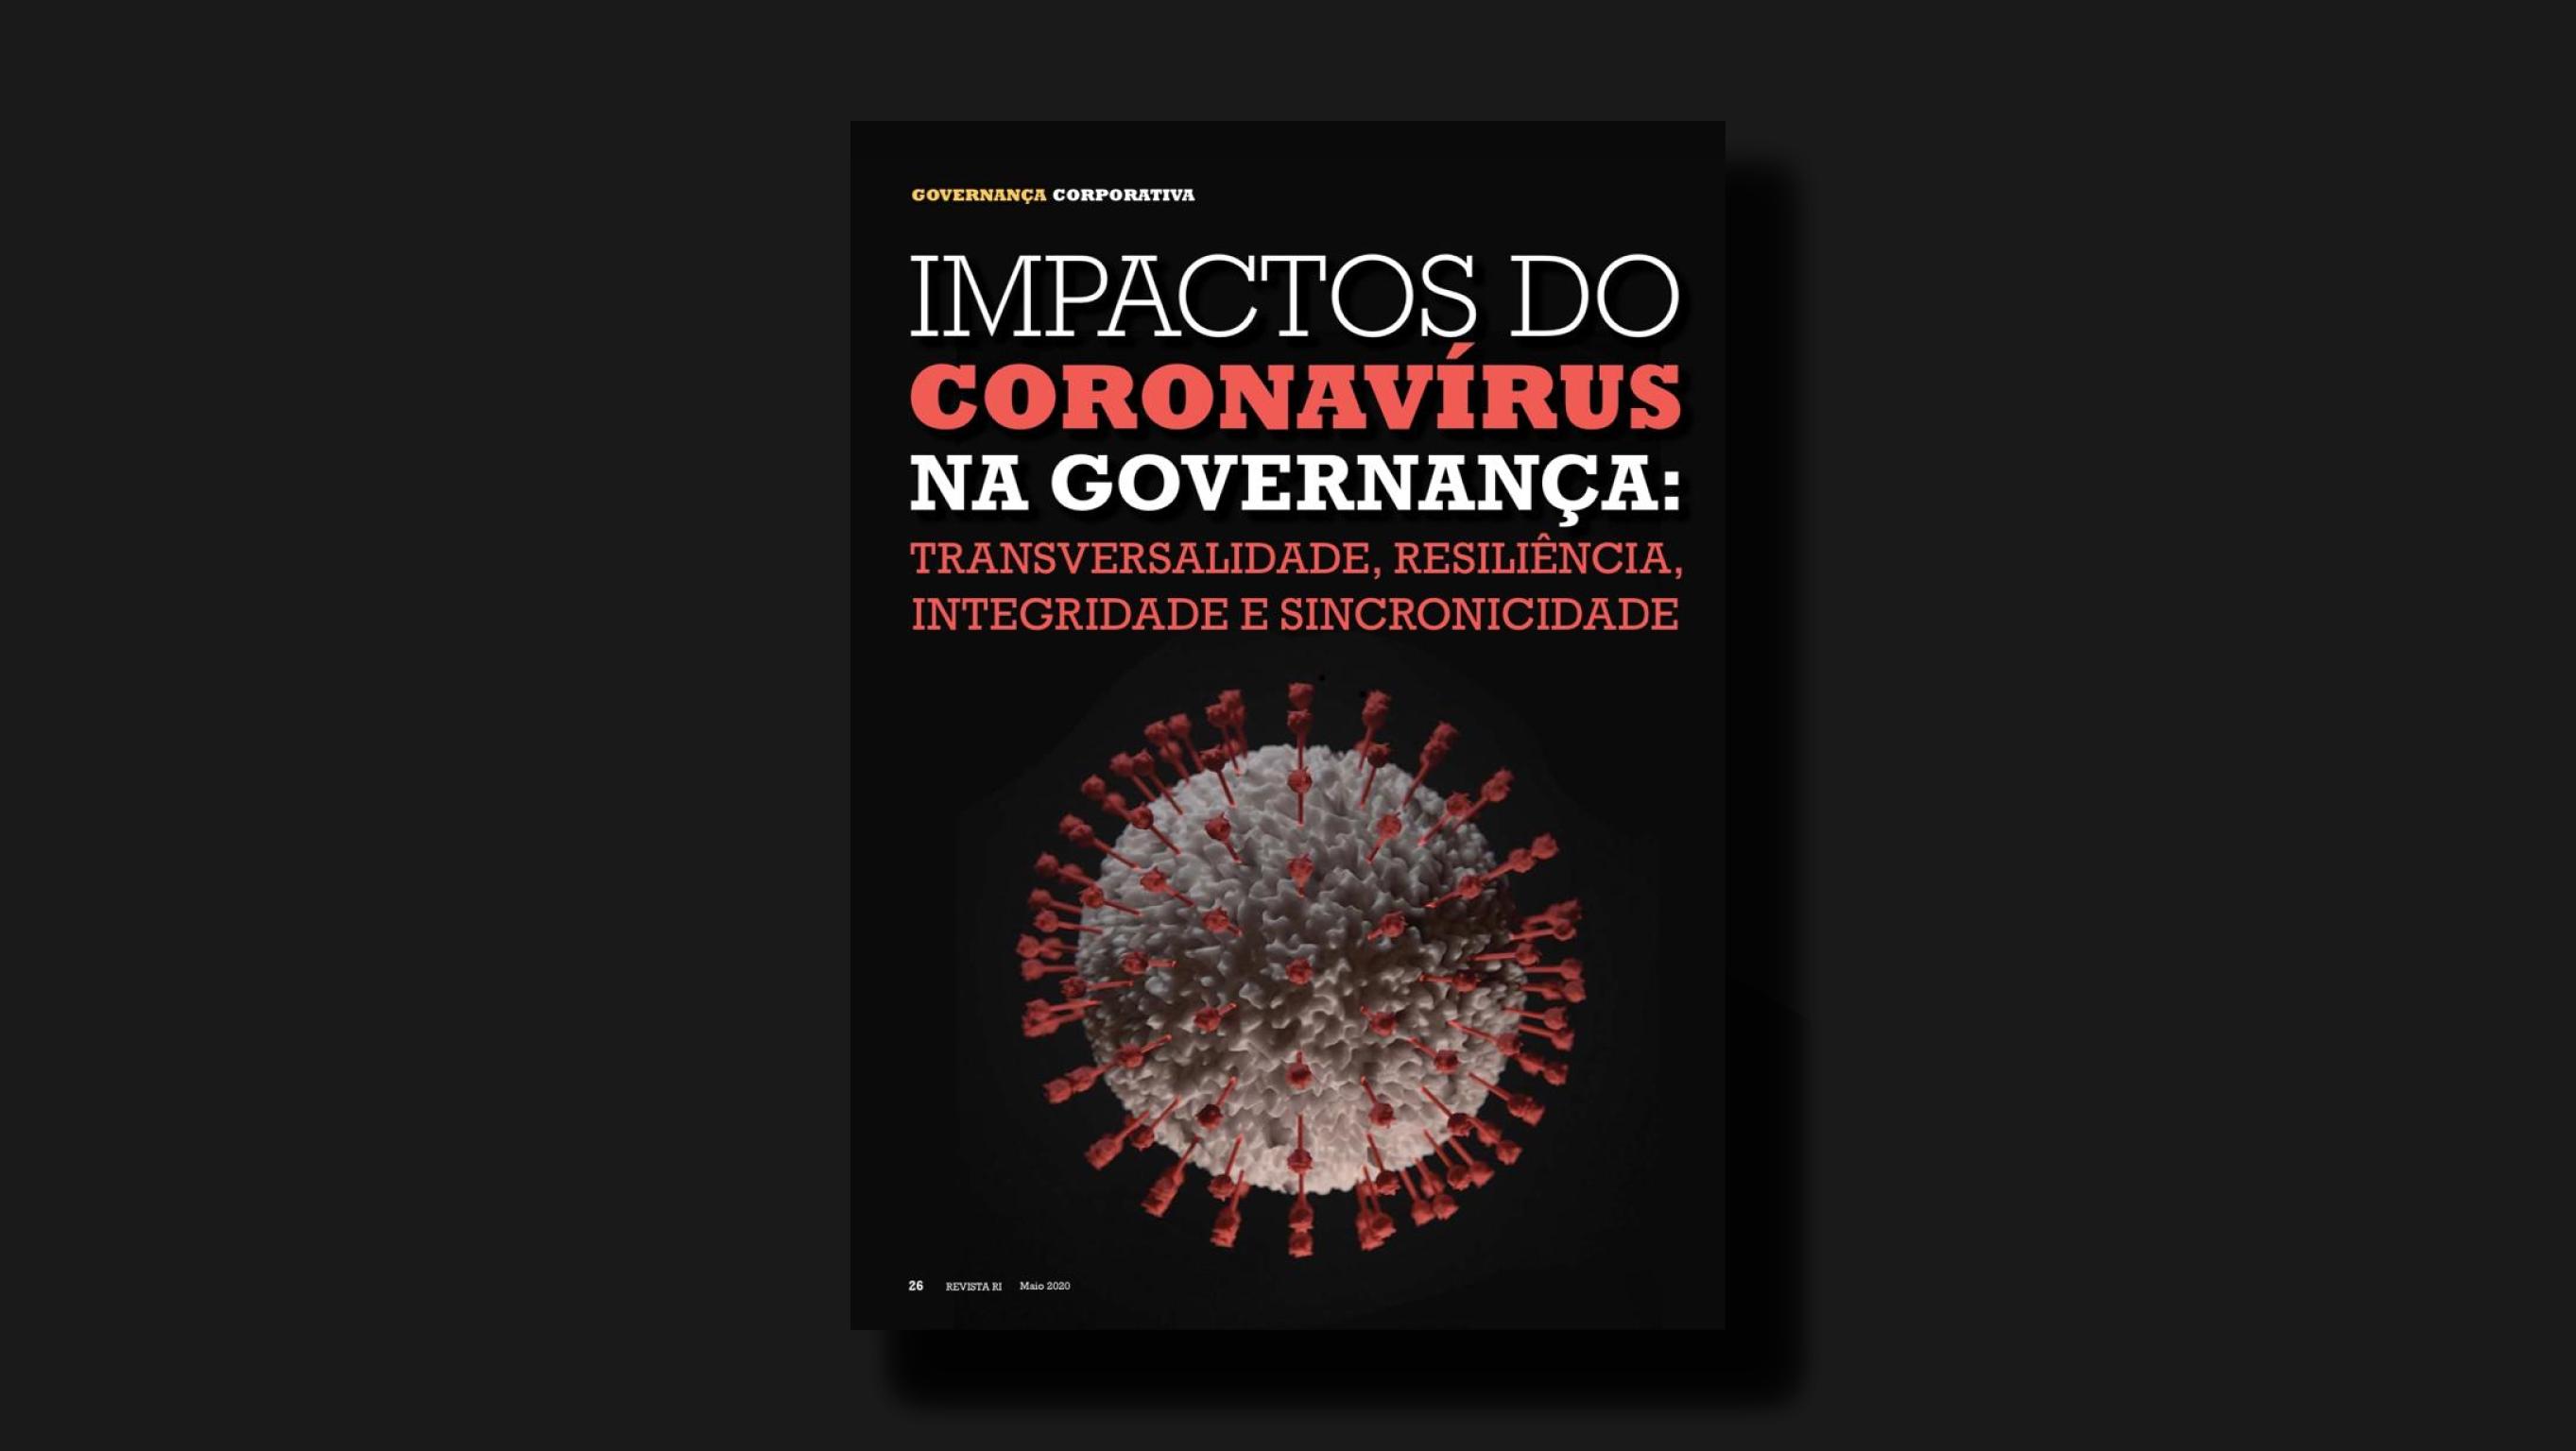 Artigo: Impactos do coronavírus na Governança Corporativa